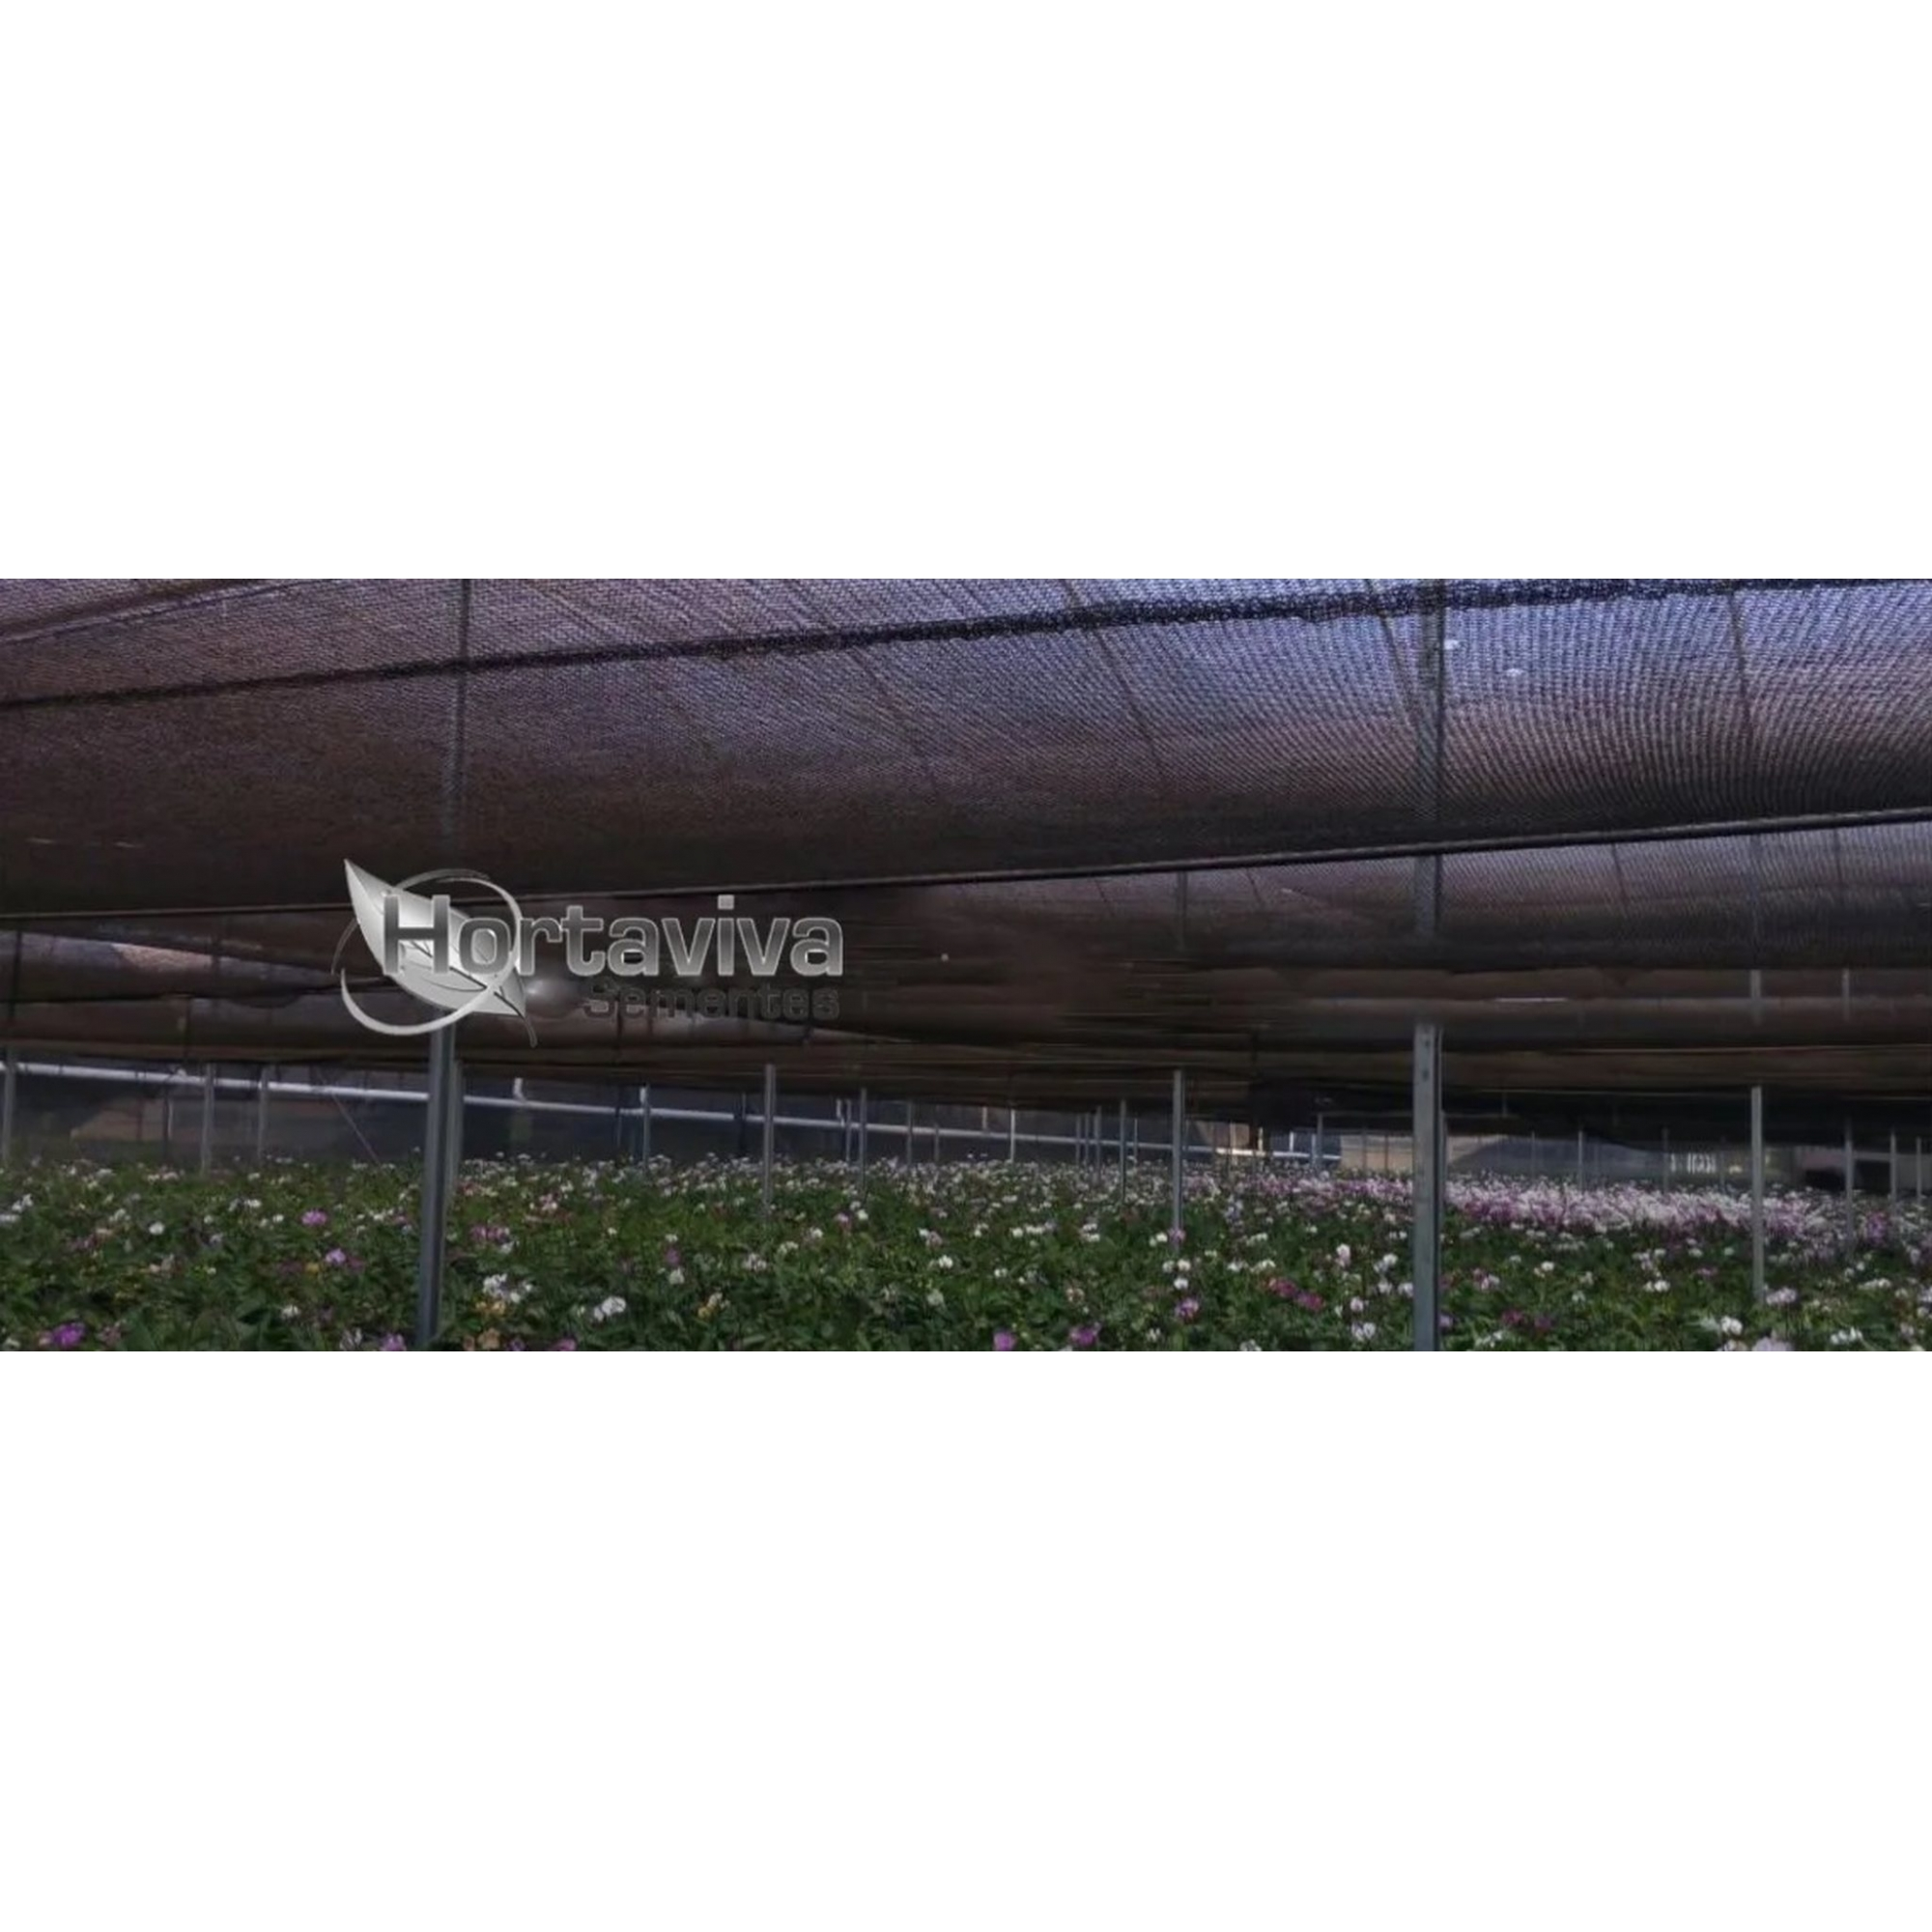 Tela de Sombreamento Preta 50% - 12 Metros x 15 Metros